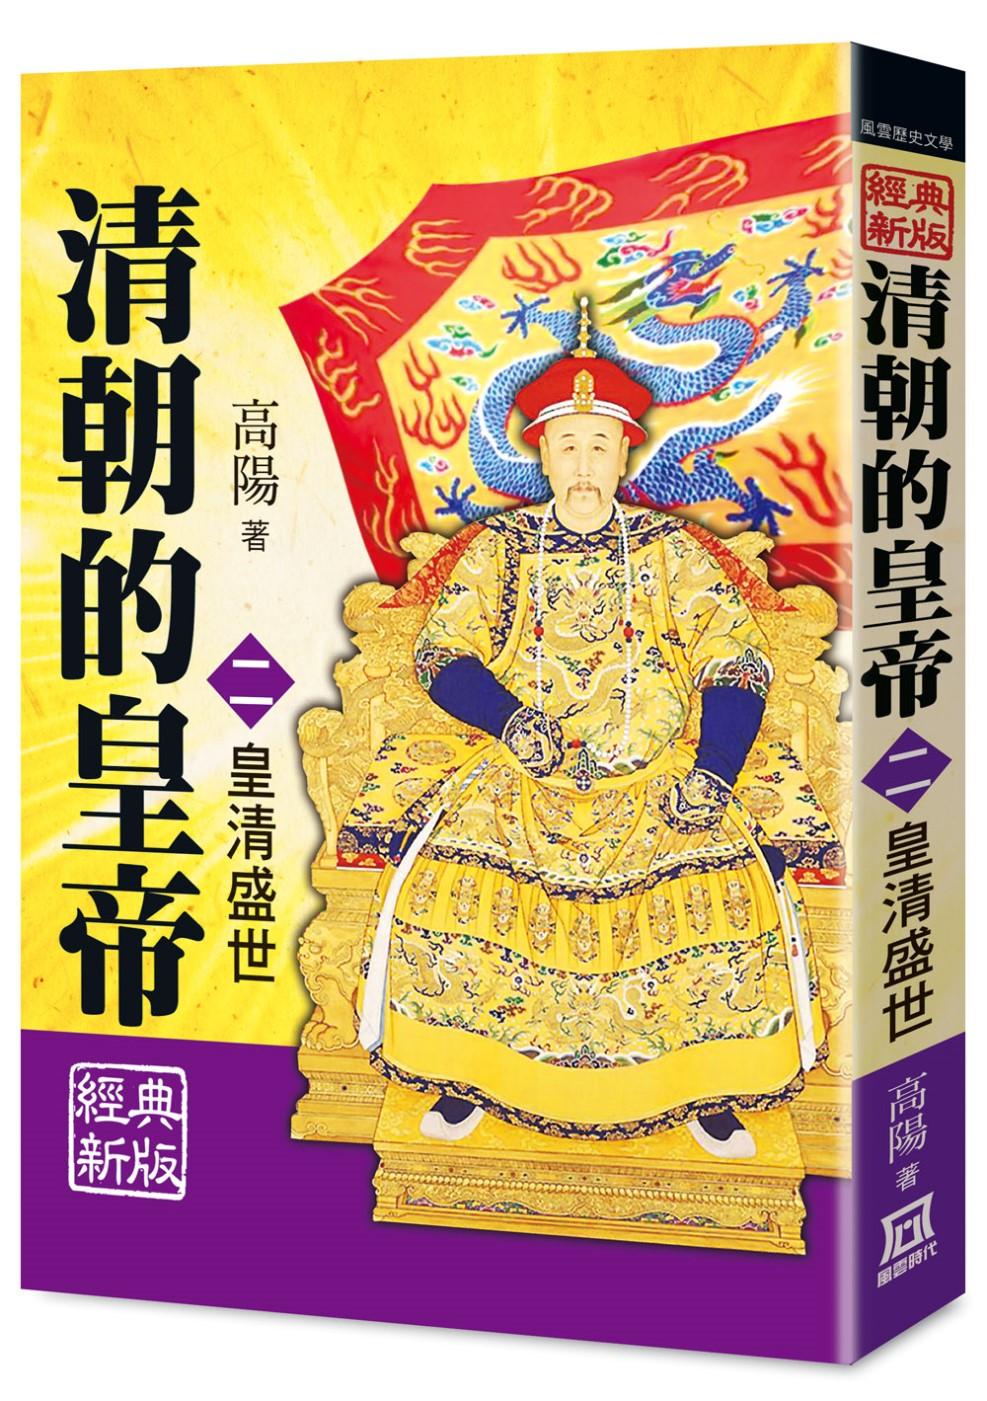 清朝的皇帝(二)...